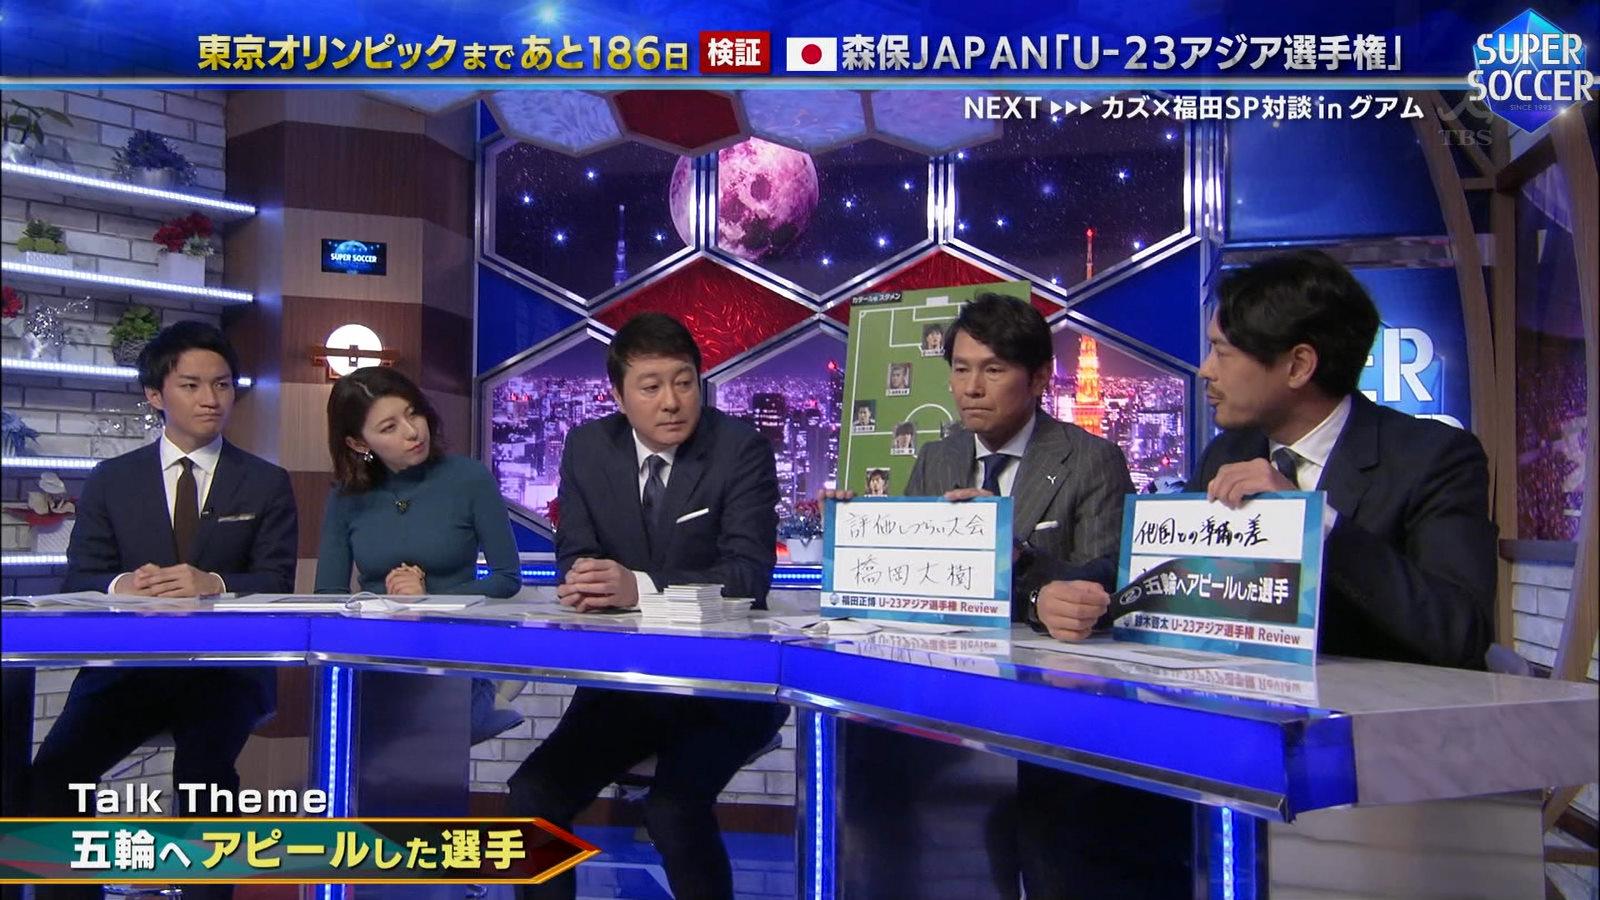 上村彩子_女子アナ_おっぱい_スーパーサッカー_09